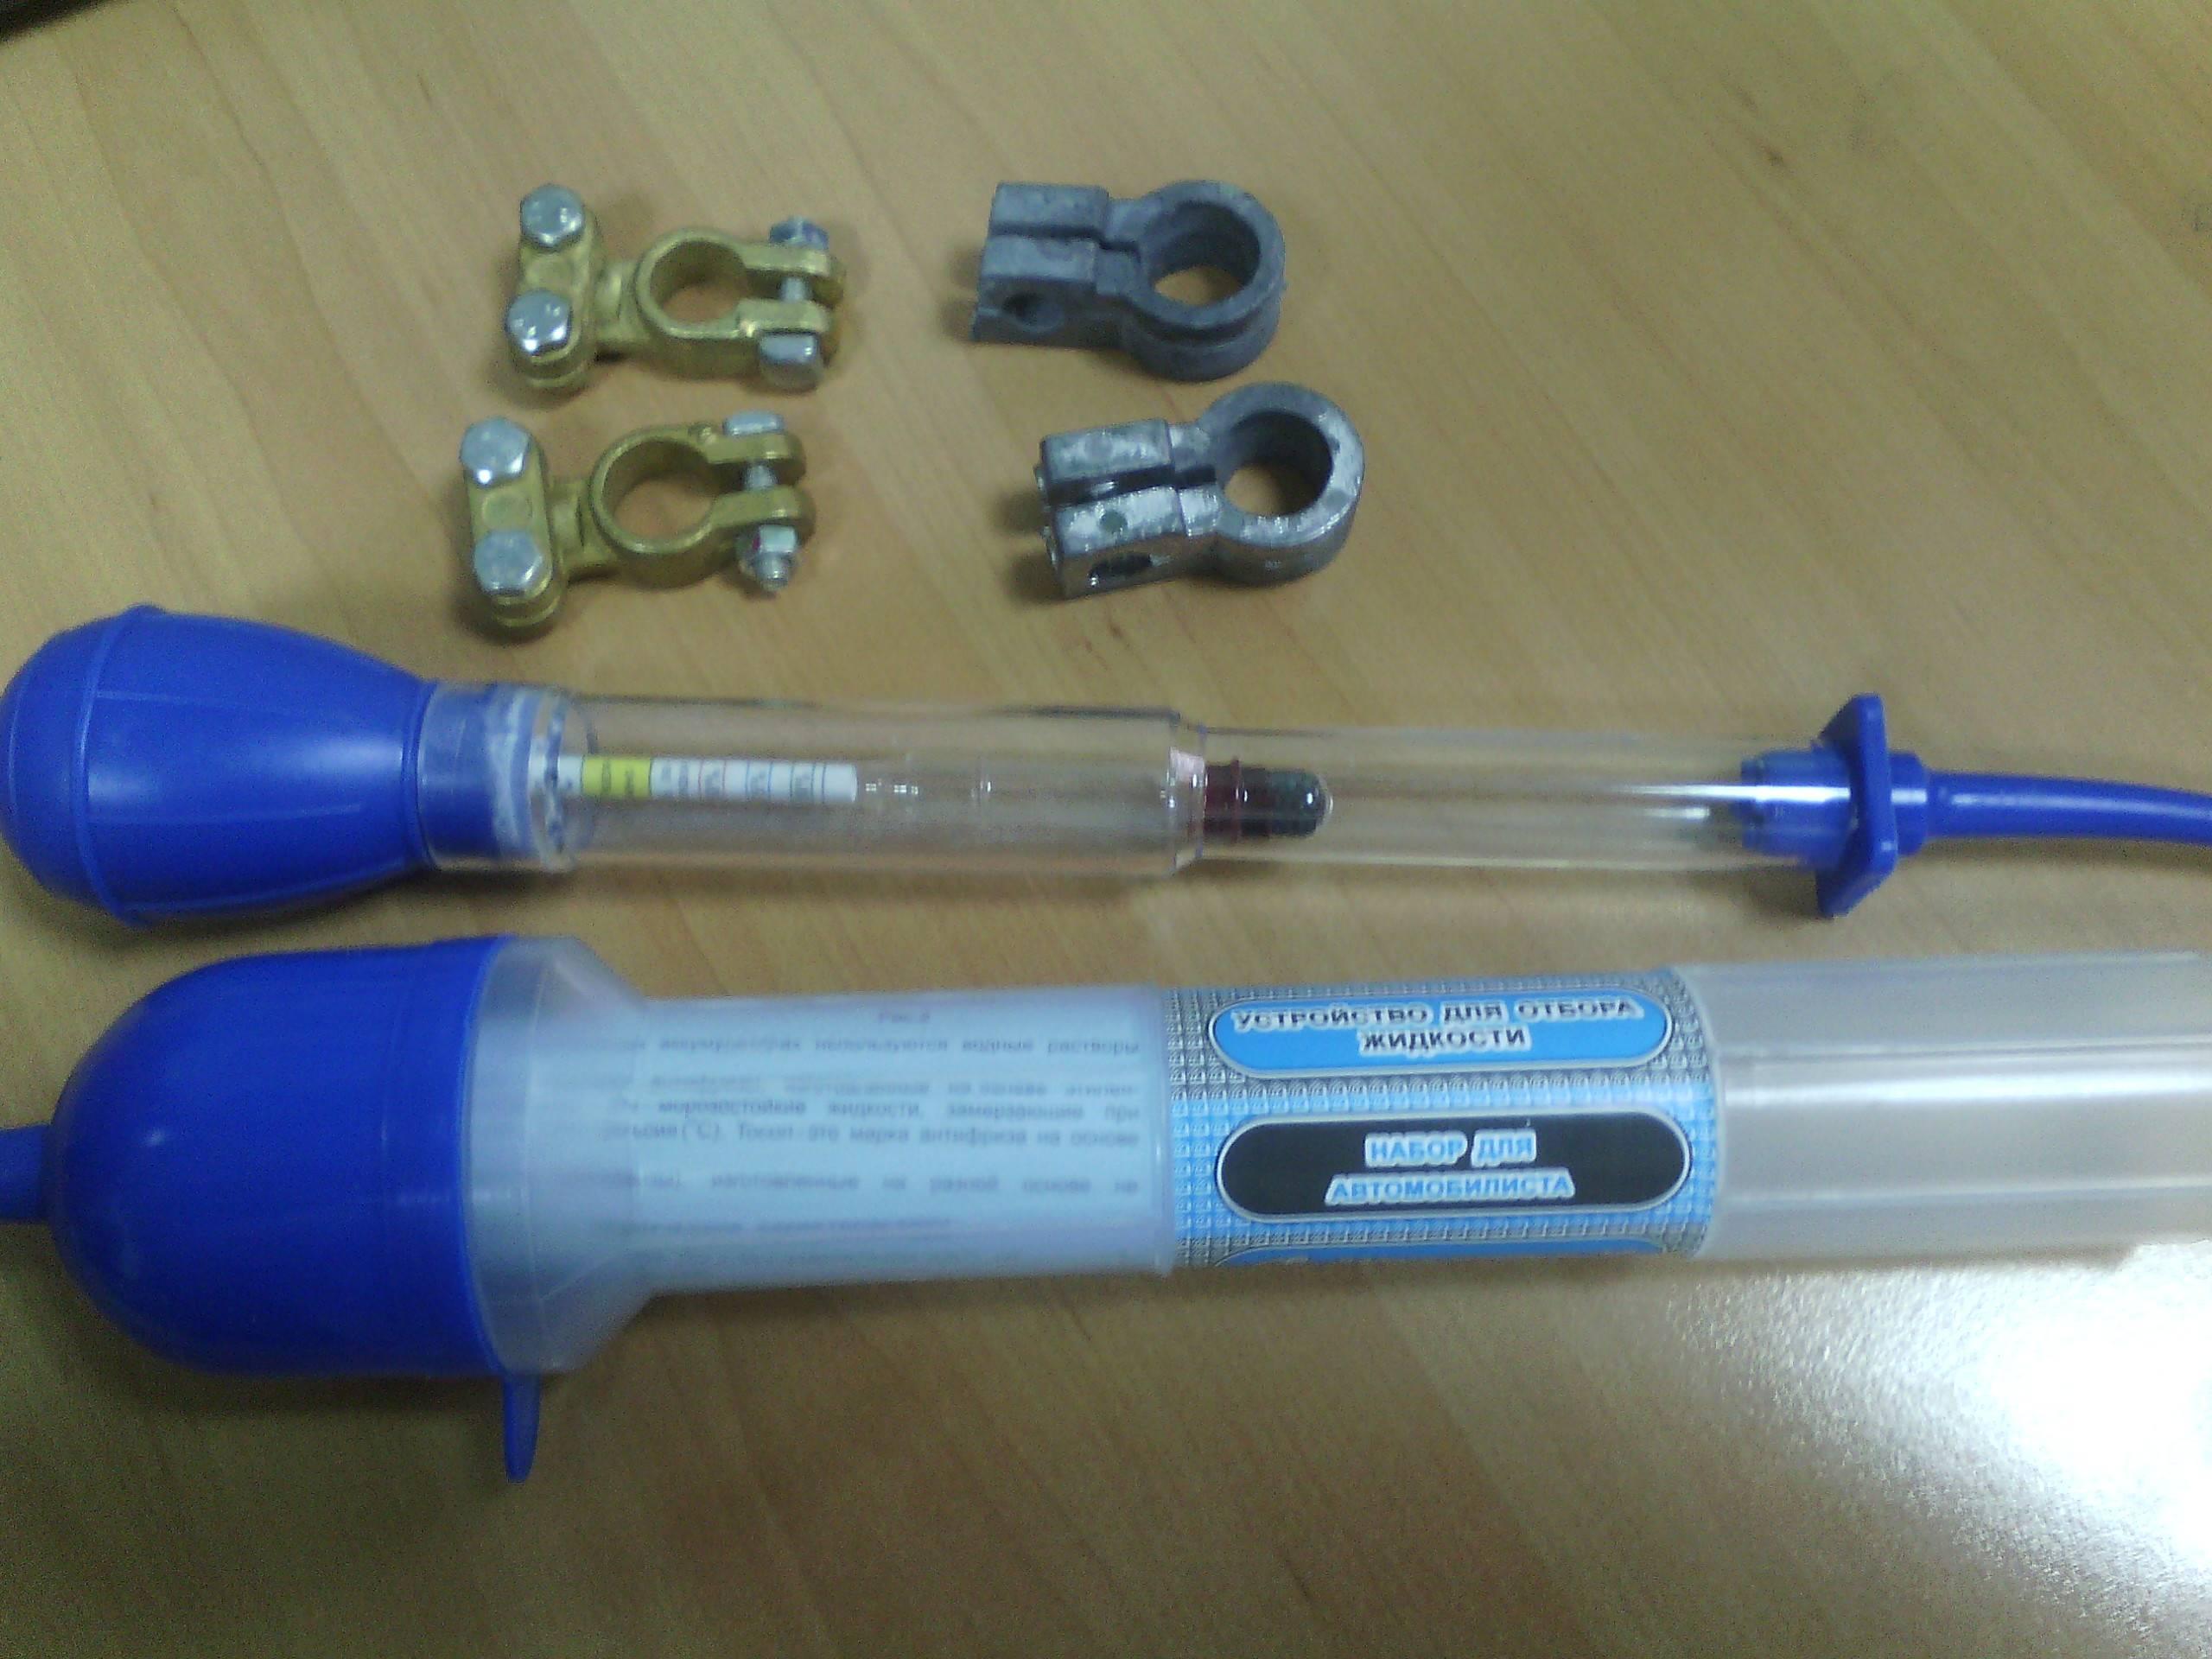 Плотность электролита оценивают, как правило, используя ареометр – измерительный прибор в виде стеклянной колбы с ареометром внутри, грушей из резины на одном конце и резиновой трубкой на другом.